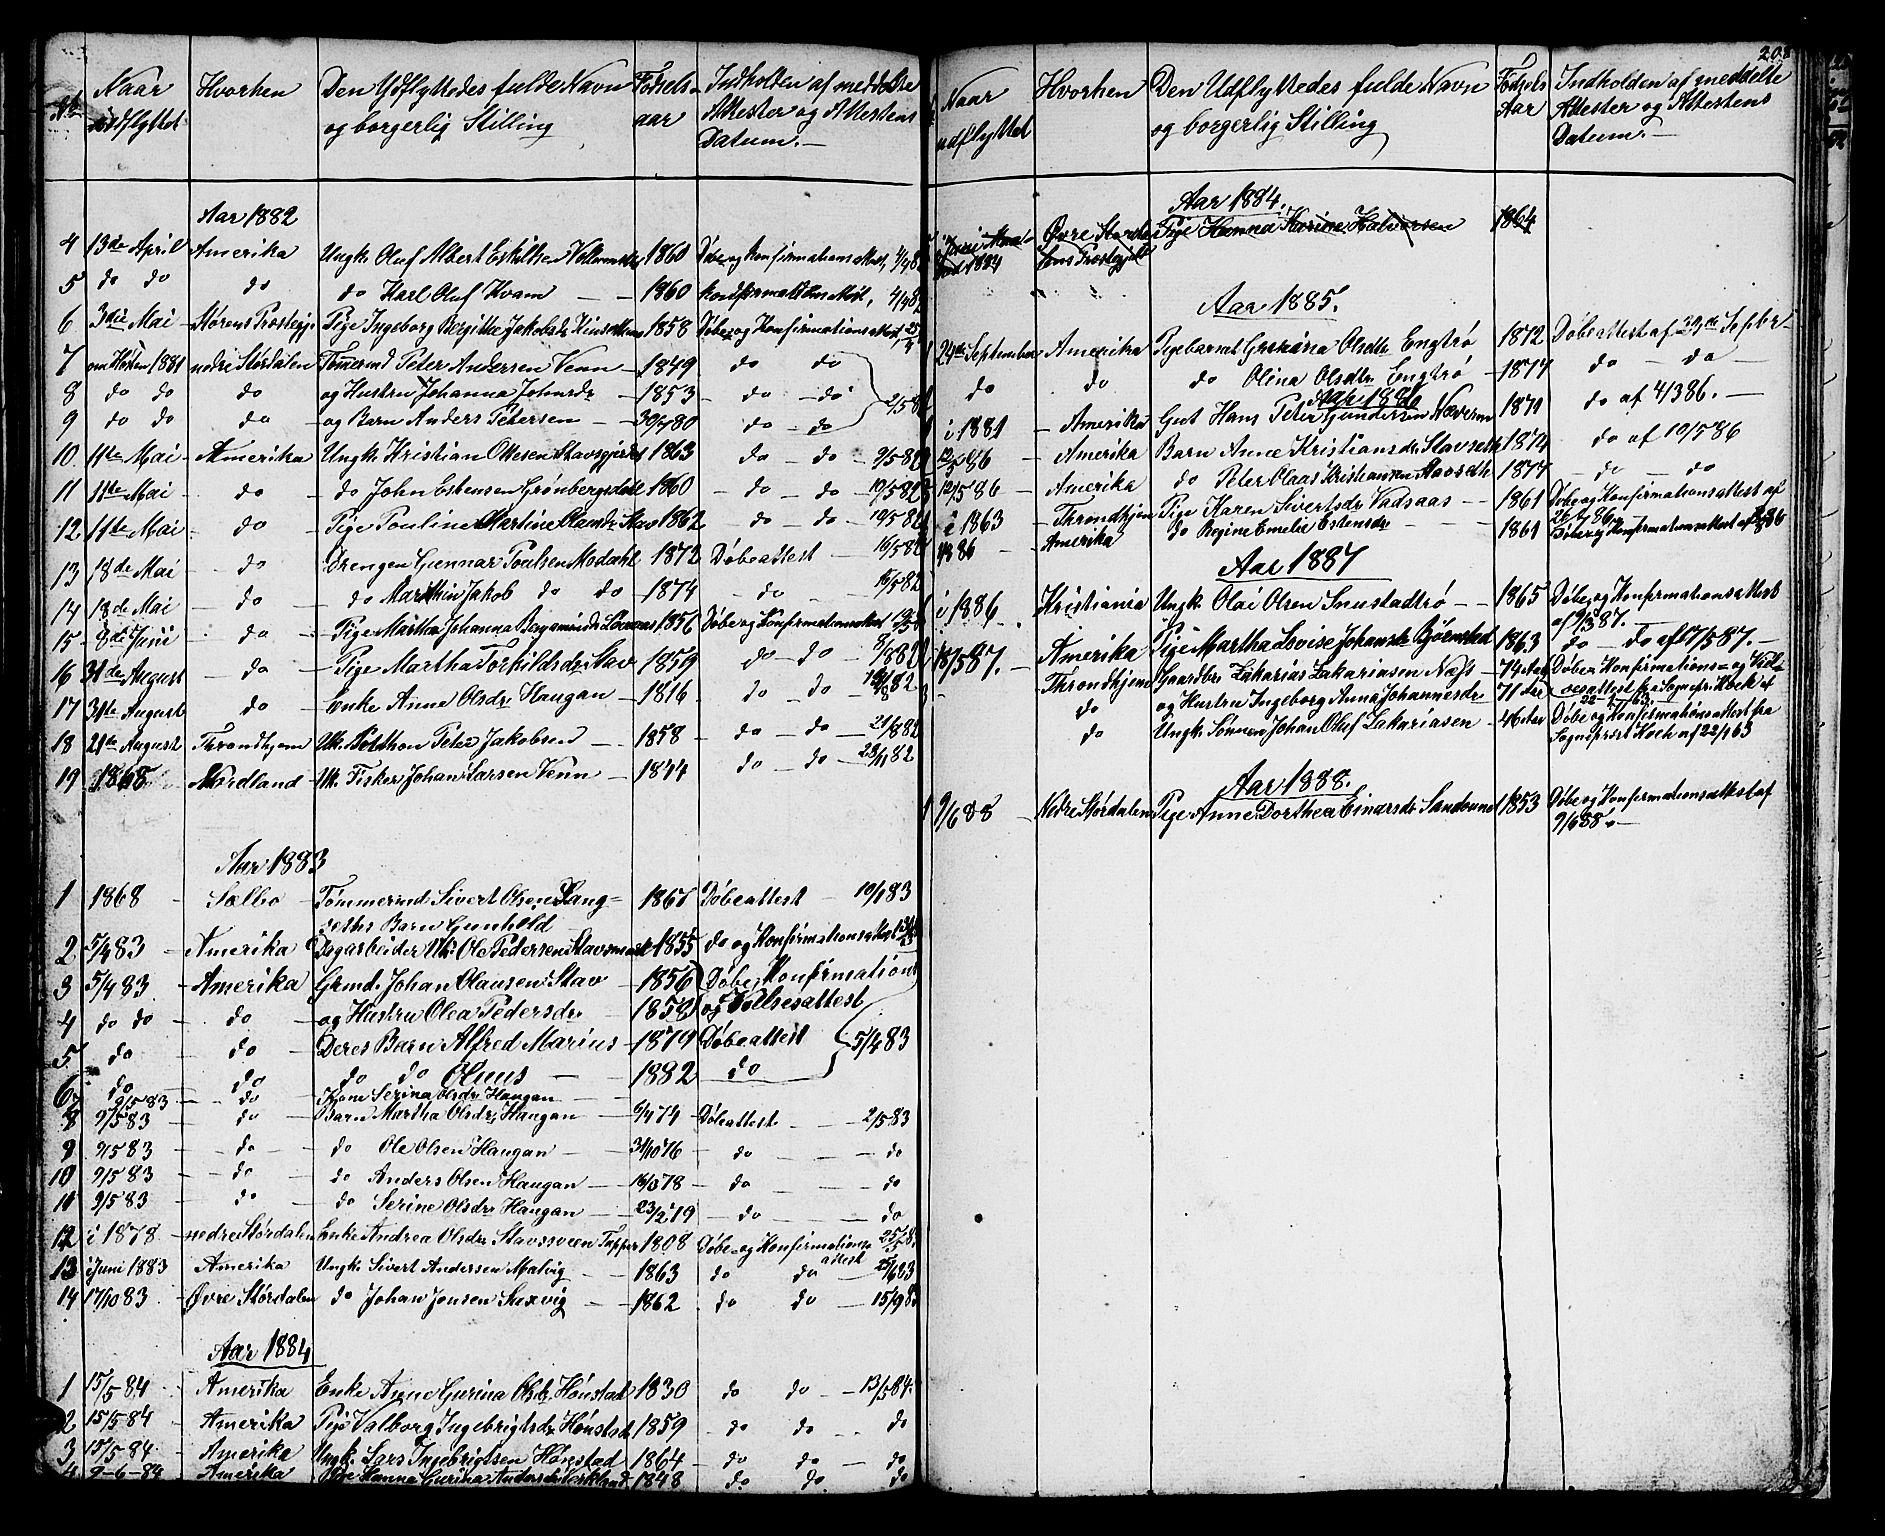 SAT, Ministerialprotokoller, klokkerbøker og fødselsregistre - Sør-Trøndelag, 616/L0422: Klokkerbok nr. 616C05, 1850-1888, s. 208